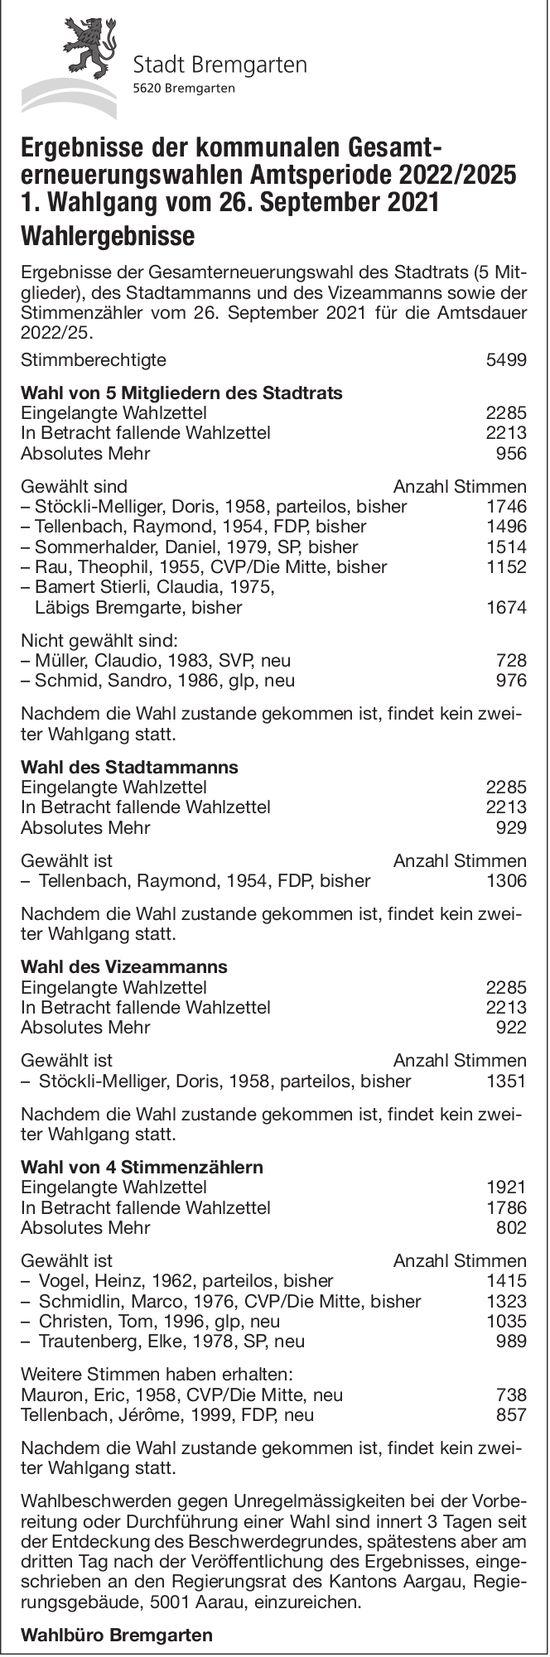 Stadt Bremgarten - Ergebnisse der kommunalen Gesamter neuerungswahlen, 1. Wahlgang, Wahlergebnisse